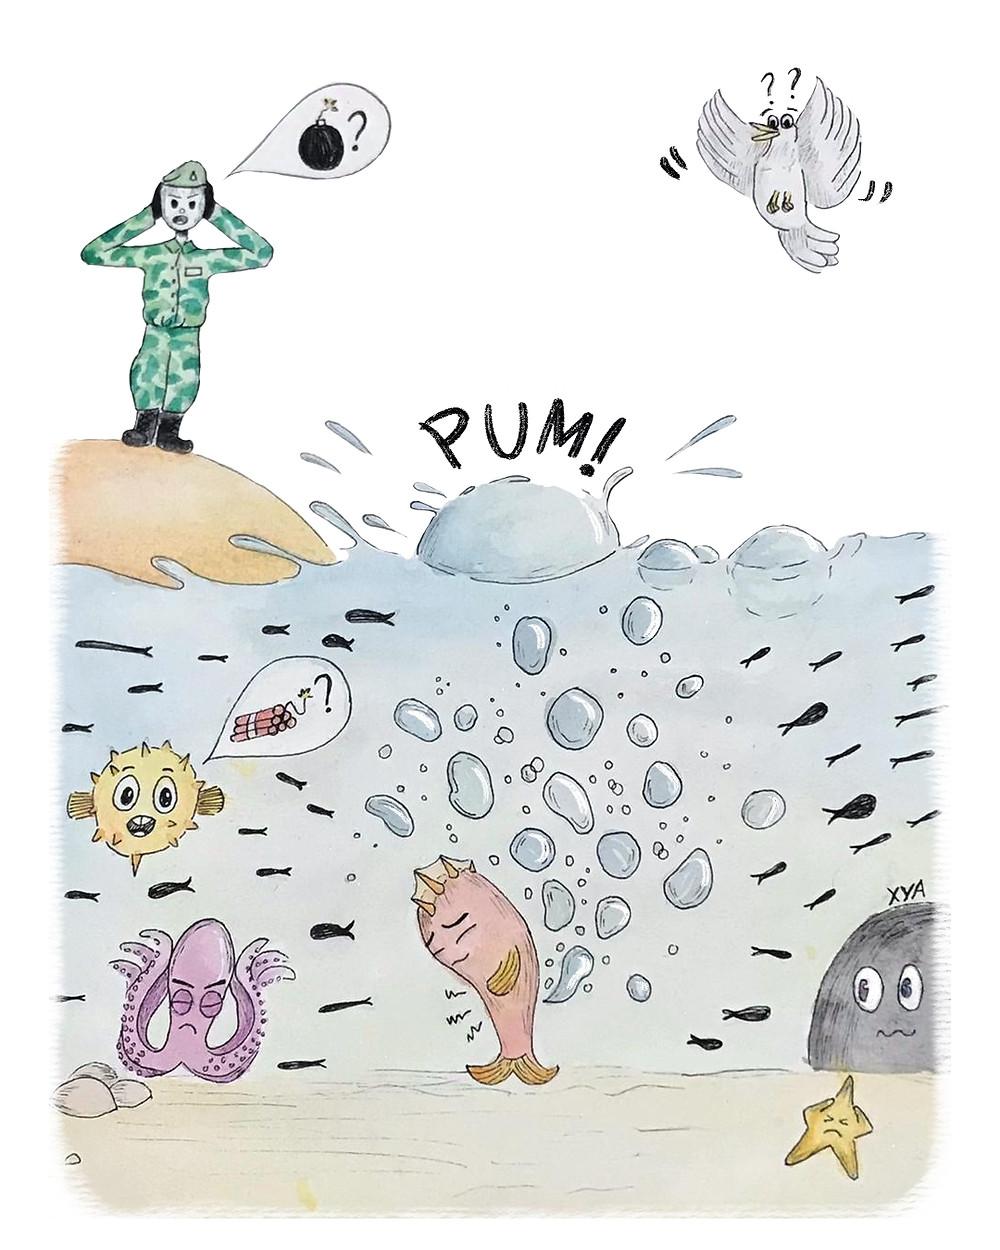 Ilustração de um peixe soltando pum no fundo do mar e o som do mesmo sendo confundido com uma bomba por um soldado sueco que está em uma ilha e por um baiacu dentro do mar. Ainda na cena, uma lula, uma estrela do mar e uma ave se confundem com o som.